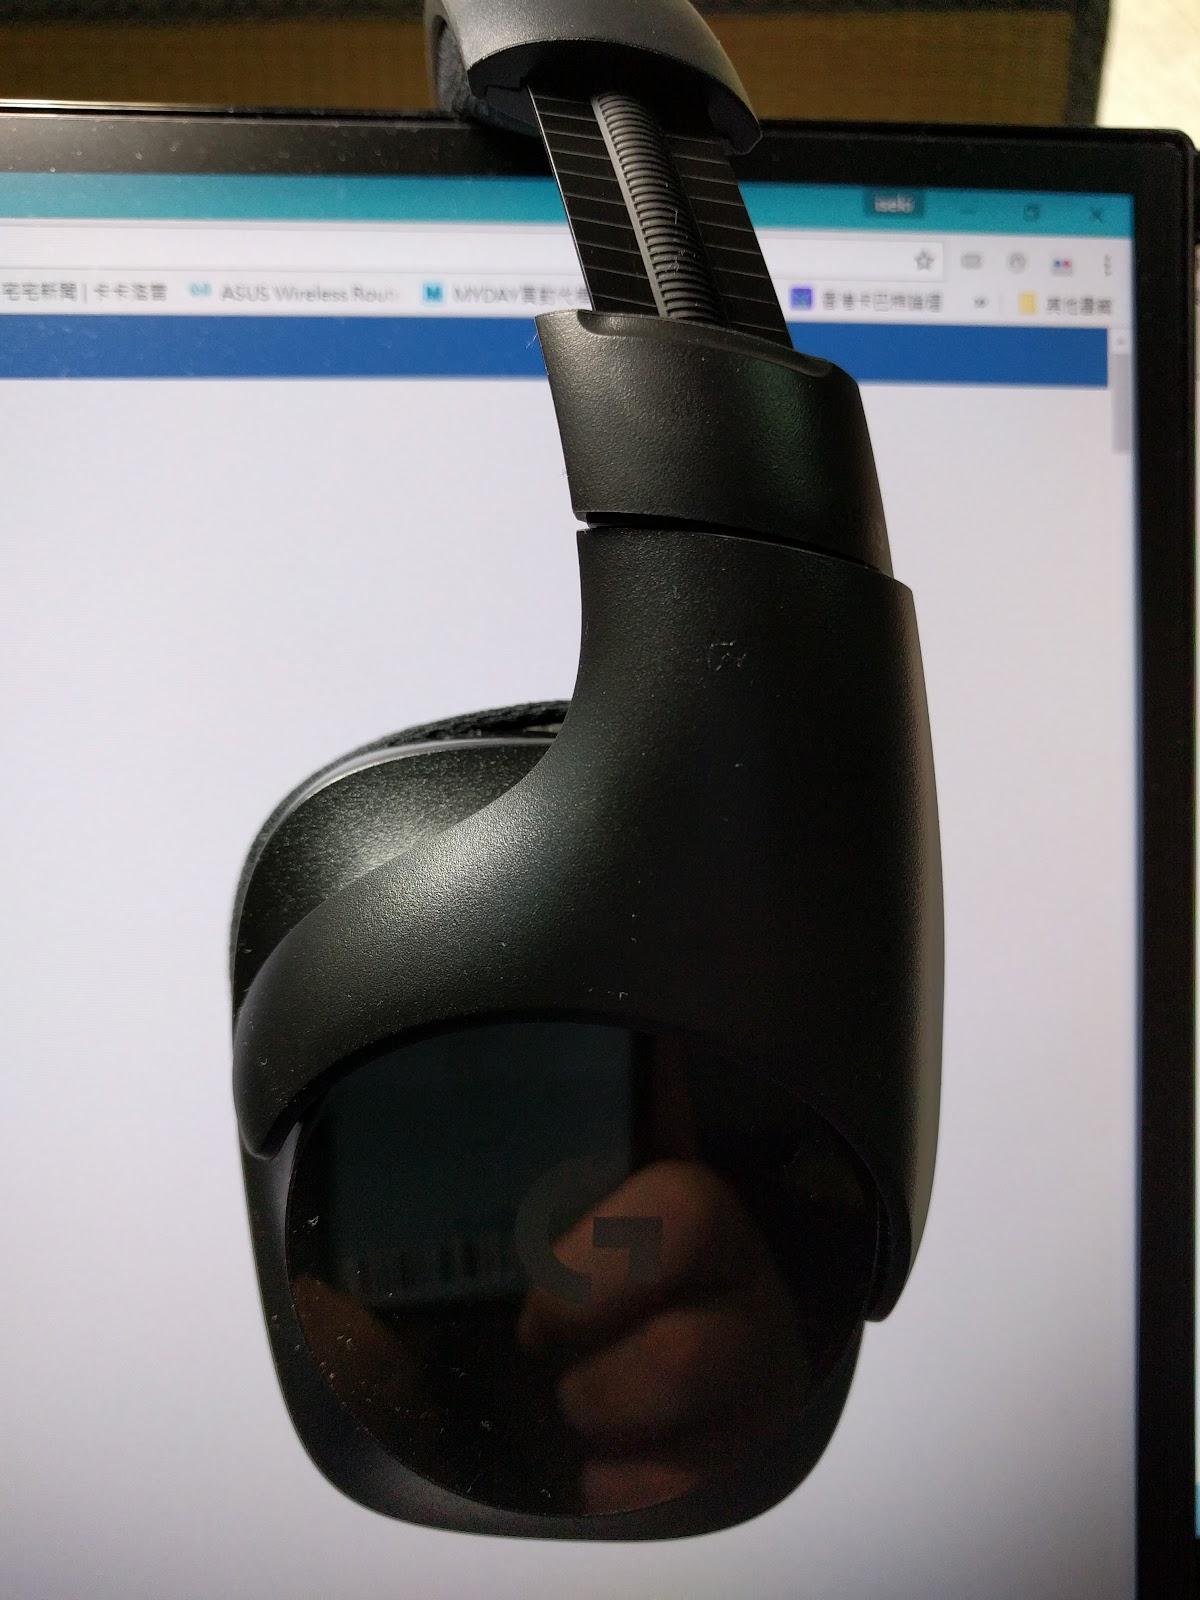 【心得】羅技 G533 WIRELESS DTS 7.1 聲道環繞音效遊戲耳麥 動手玩 @電腦應用綜合討論 哈啦板 - 巴哈姆特